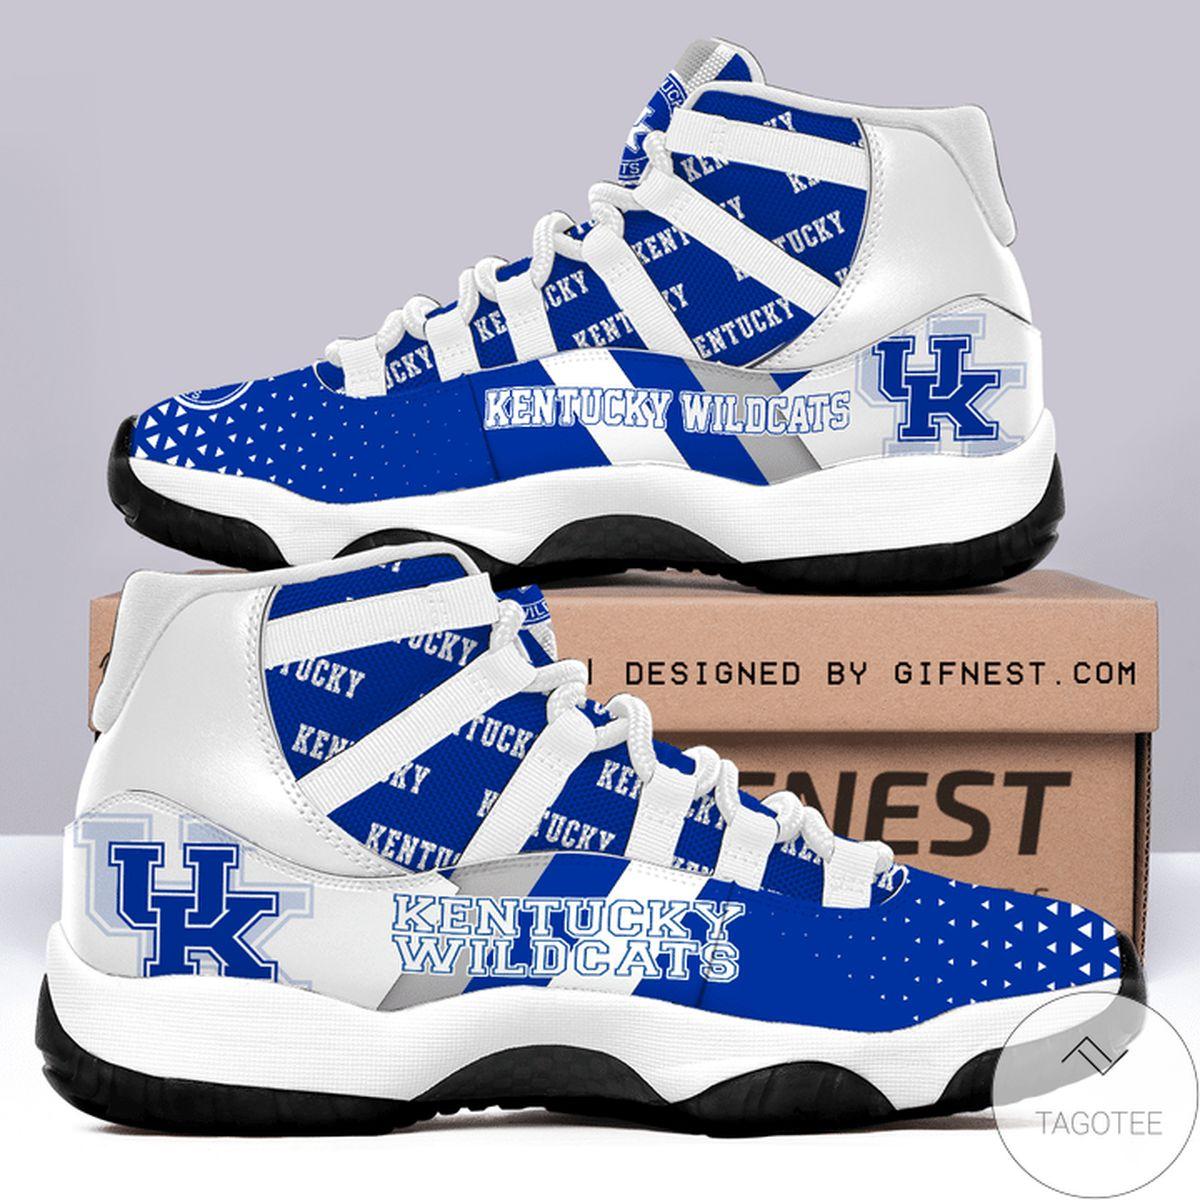 Present Kentucky Wildcats Air Jordan 11 Shoes